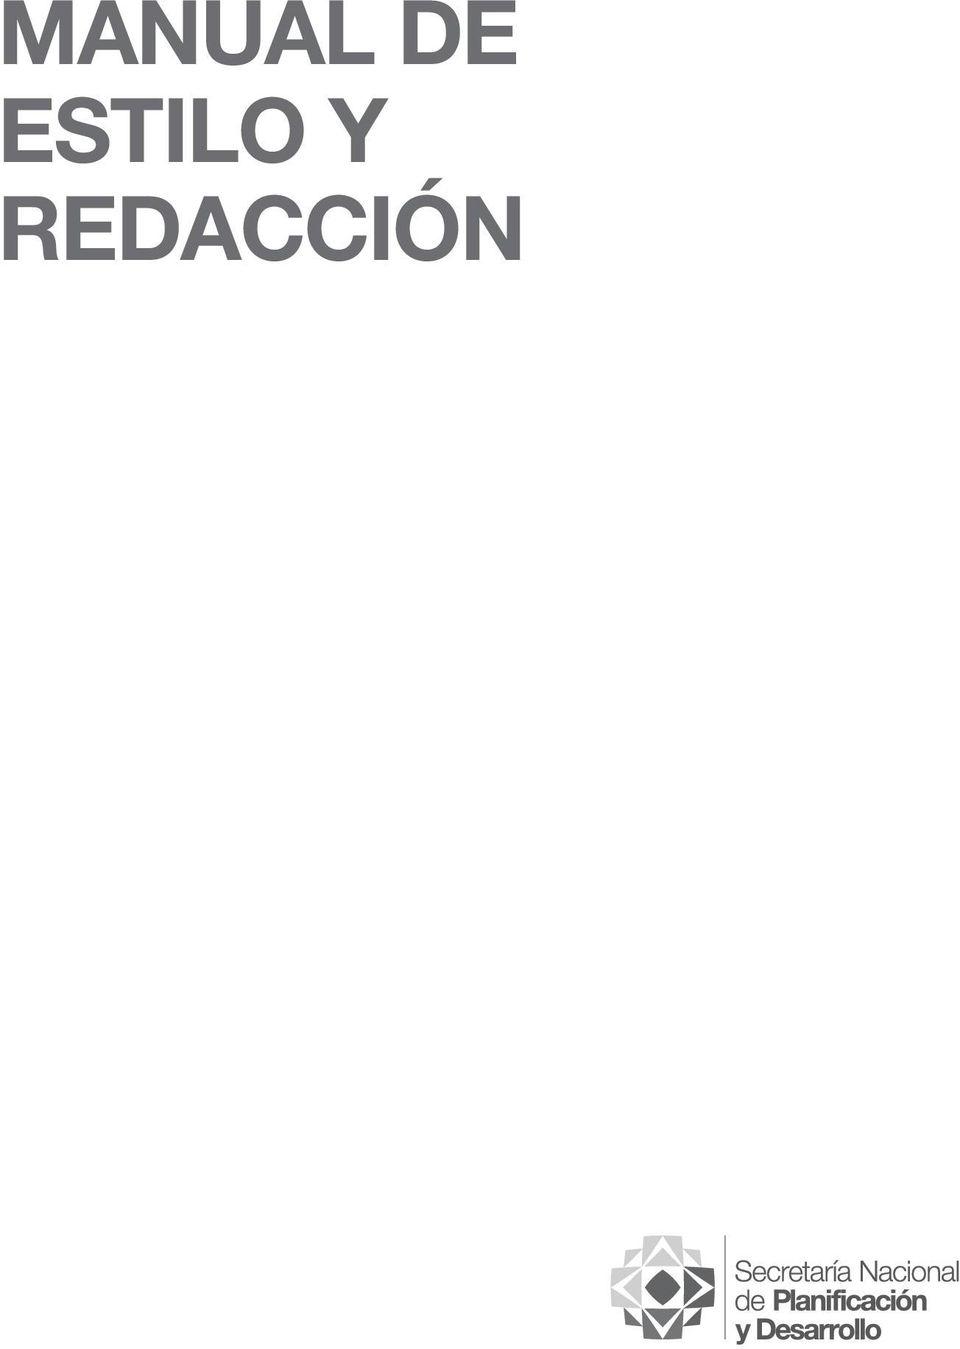 MANUAL DE ESTILO Y REDACCIÓN MANUAL DE ESTILO Y REDACCIÓN